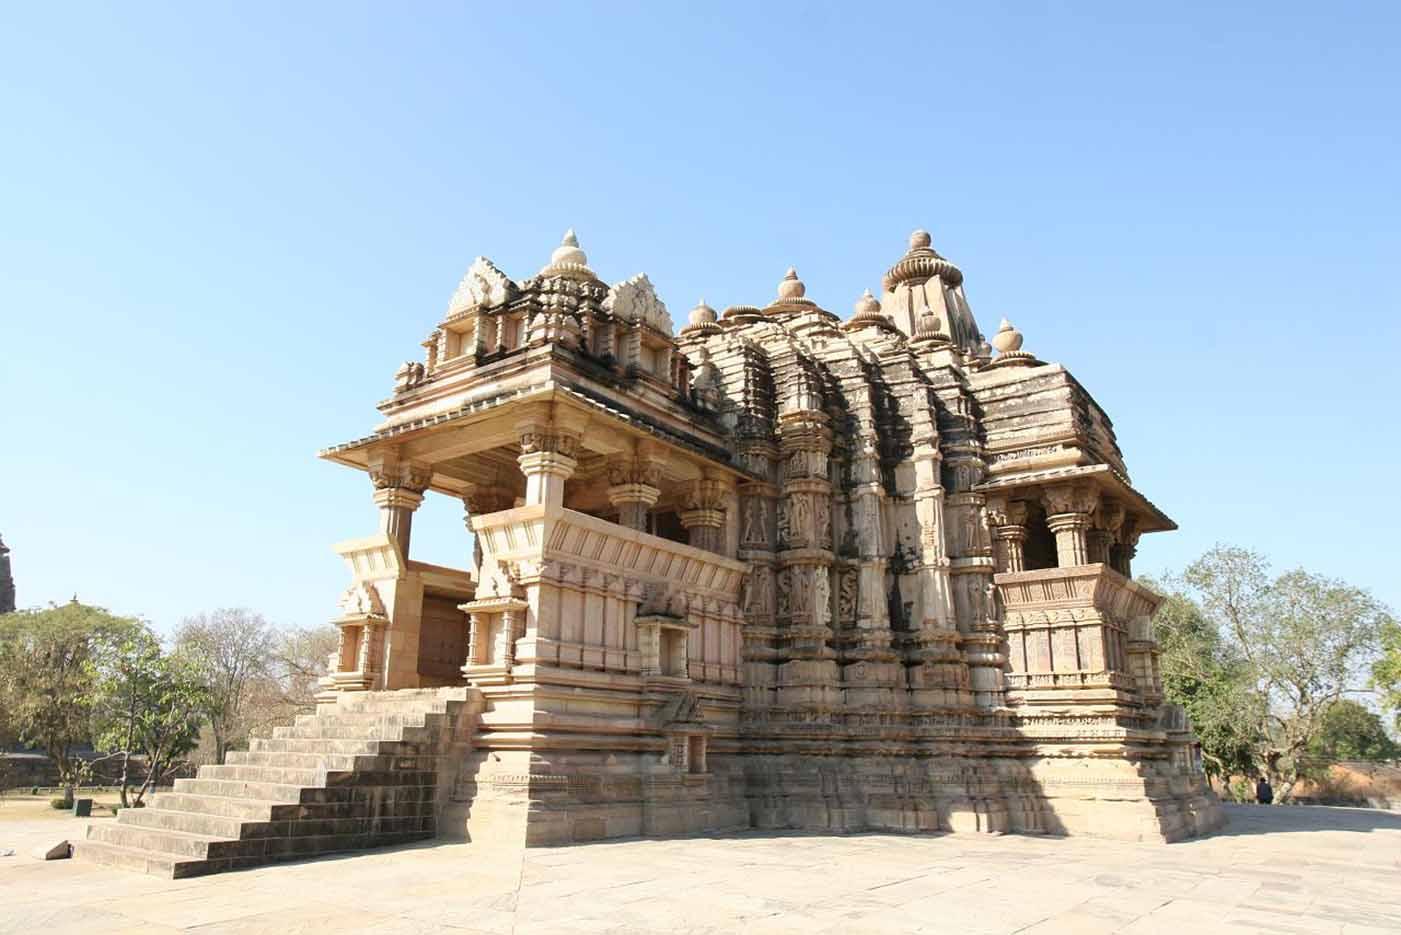 Храмы Кхаджурахо, Khajuraho Temples - 14